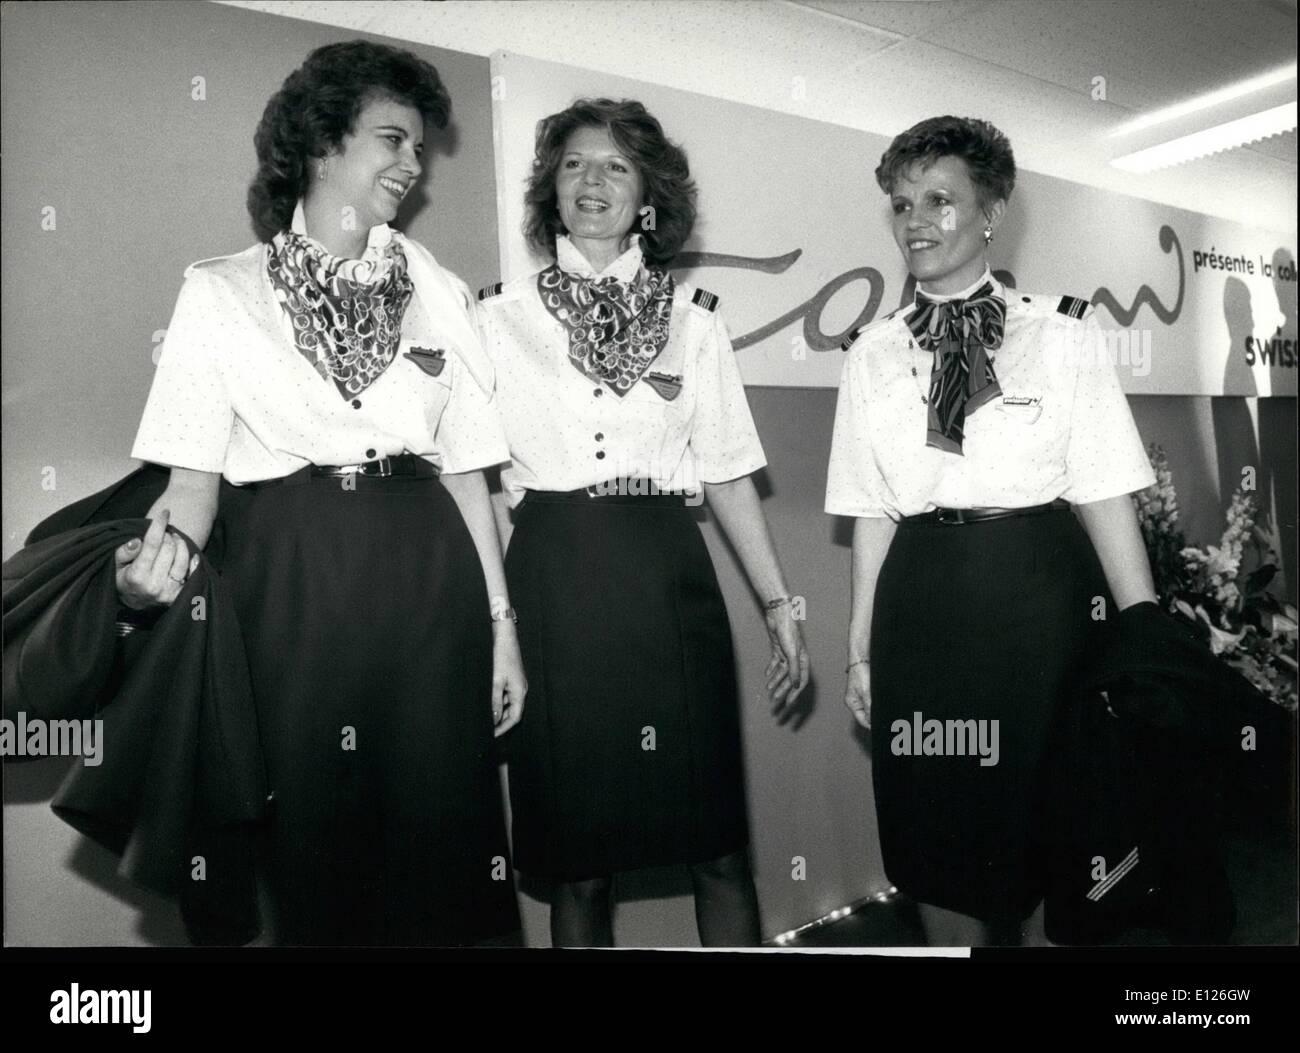 Febrero 02, 1990 - NUEVO TRAJE DE SWISSAIR W la famosa estilista suizo Luigi Colani ados una nueva colección de vestimenta para abo Imagen De Stock